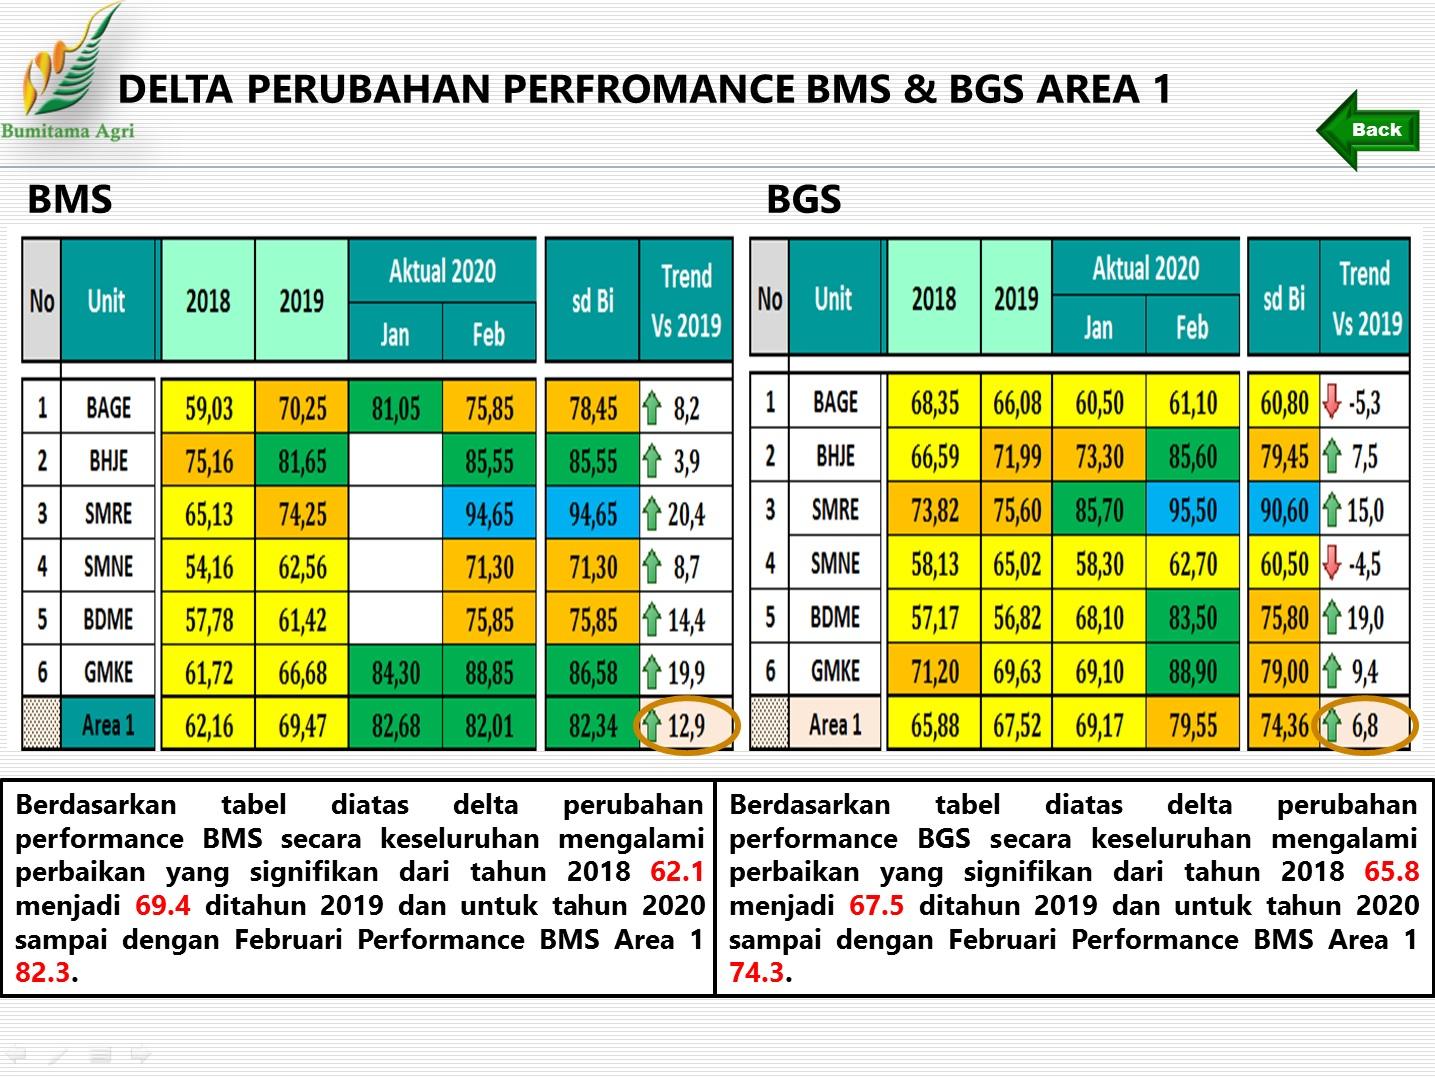 Delta Perubahan Performance BMS dan BGS Area 1 Tahun 2018 vs Tahun 2019